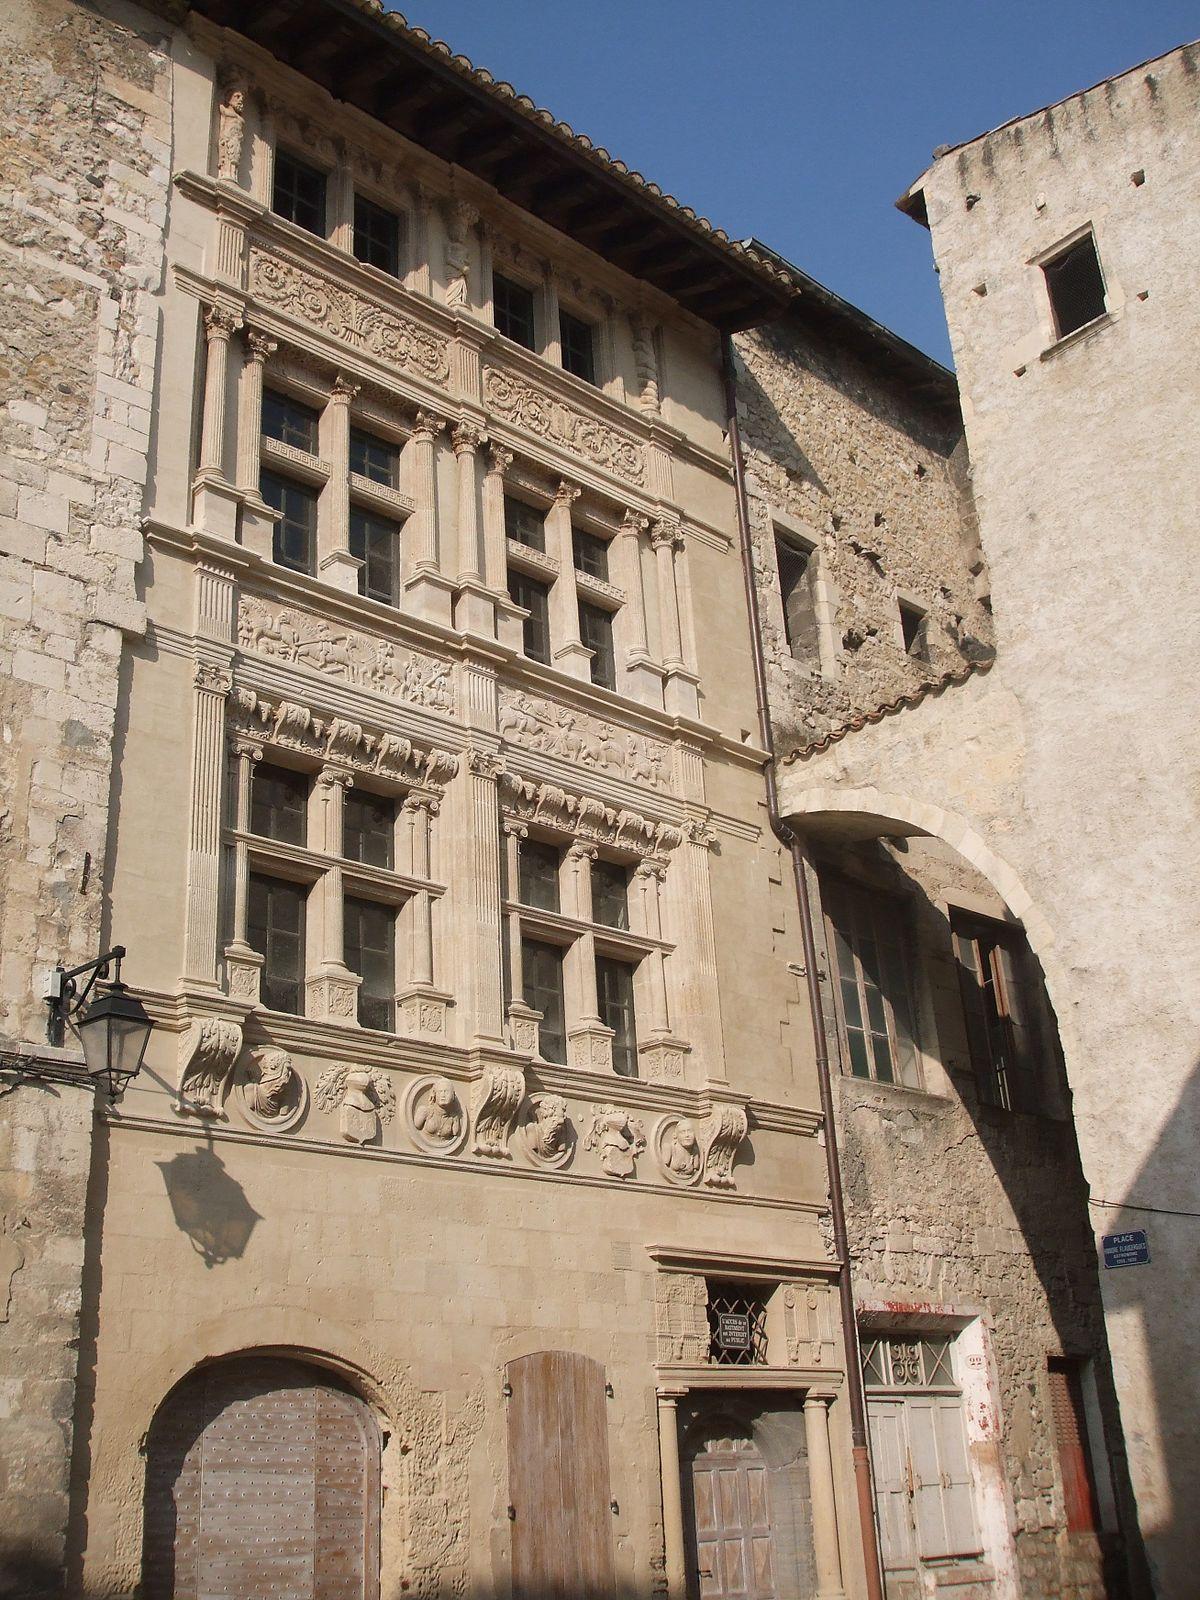 Maison des chevaliers viviers wikip dia for Maison france